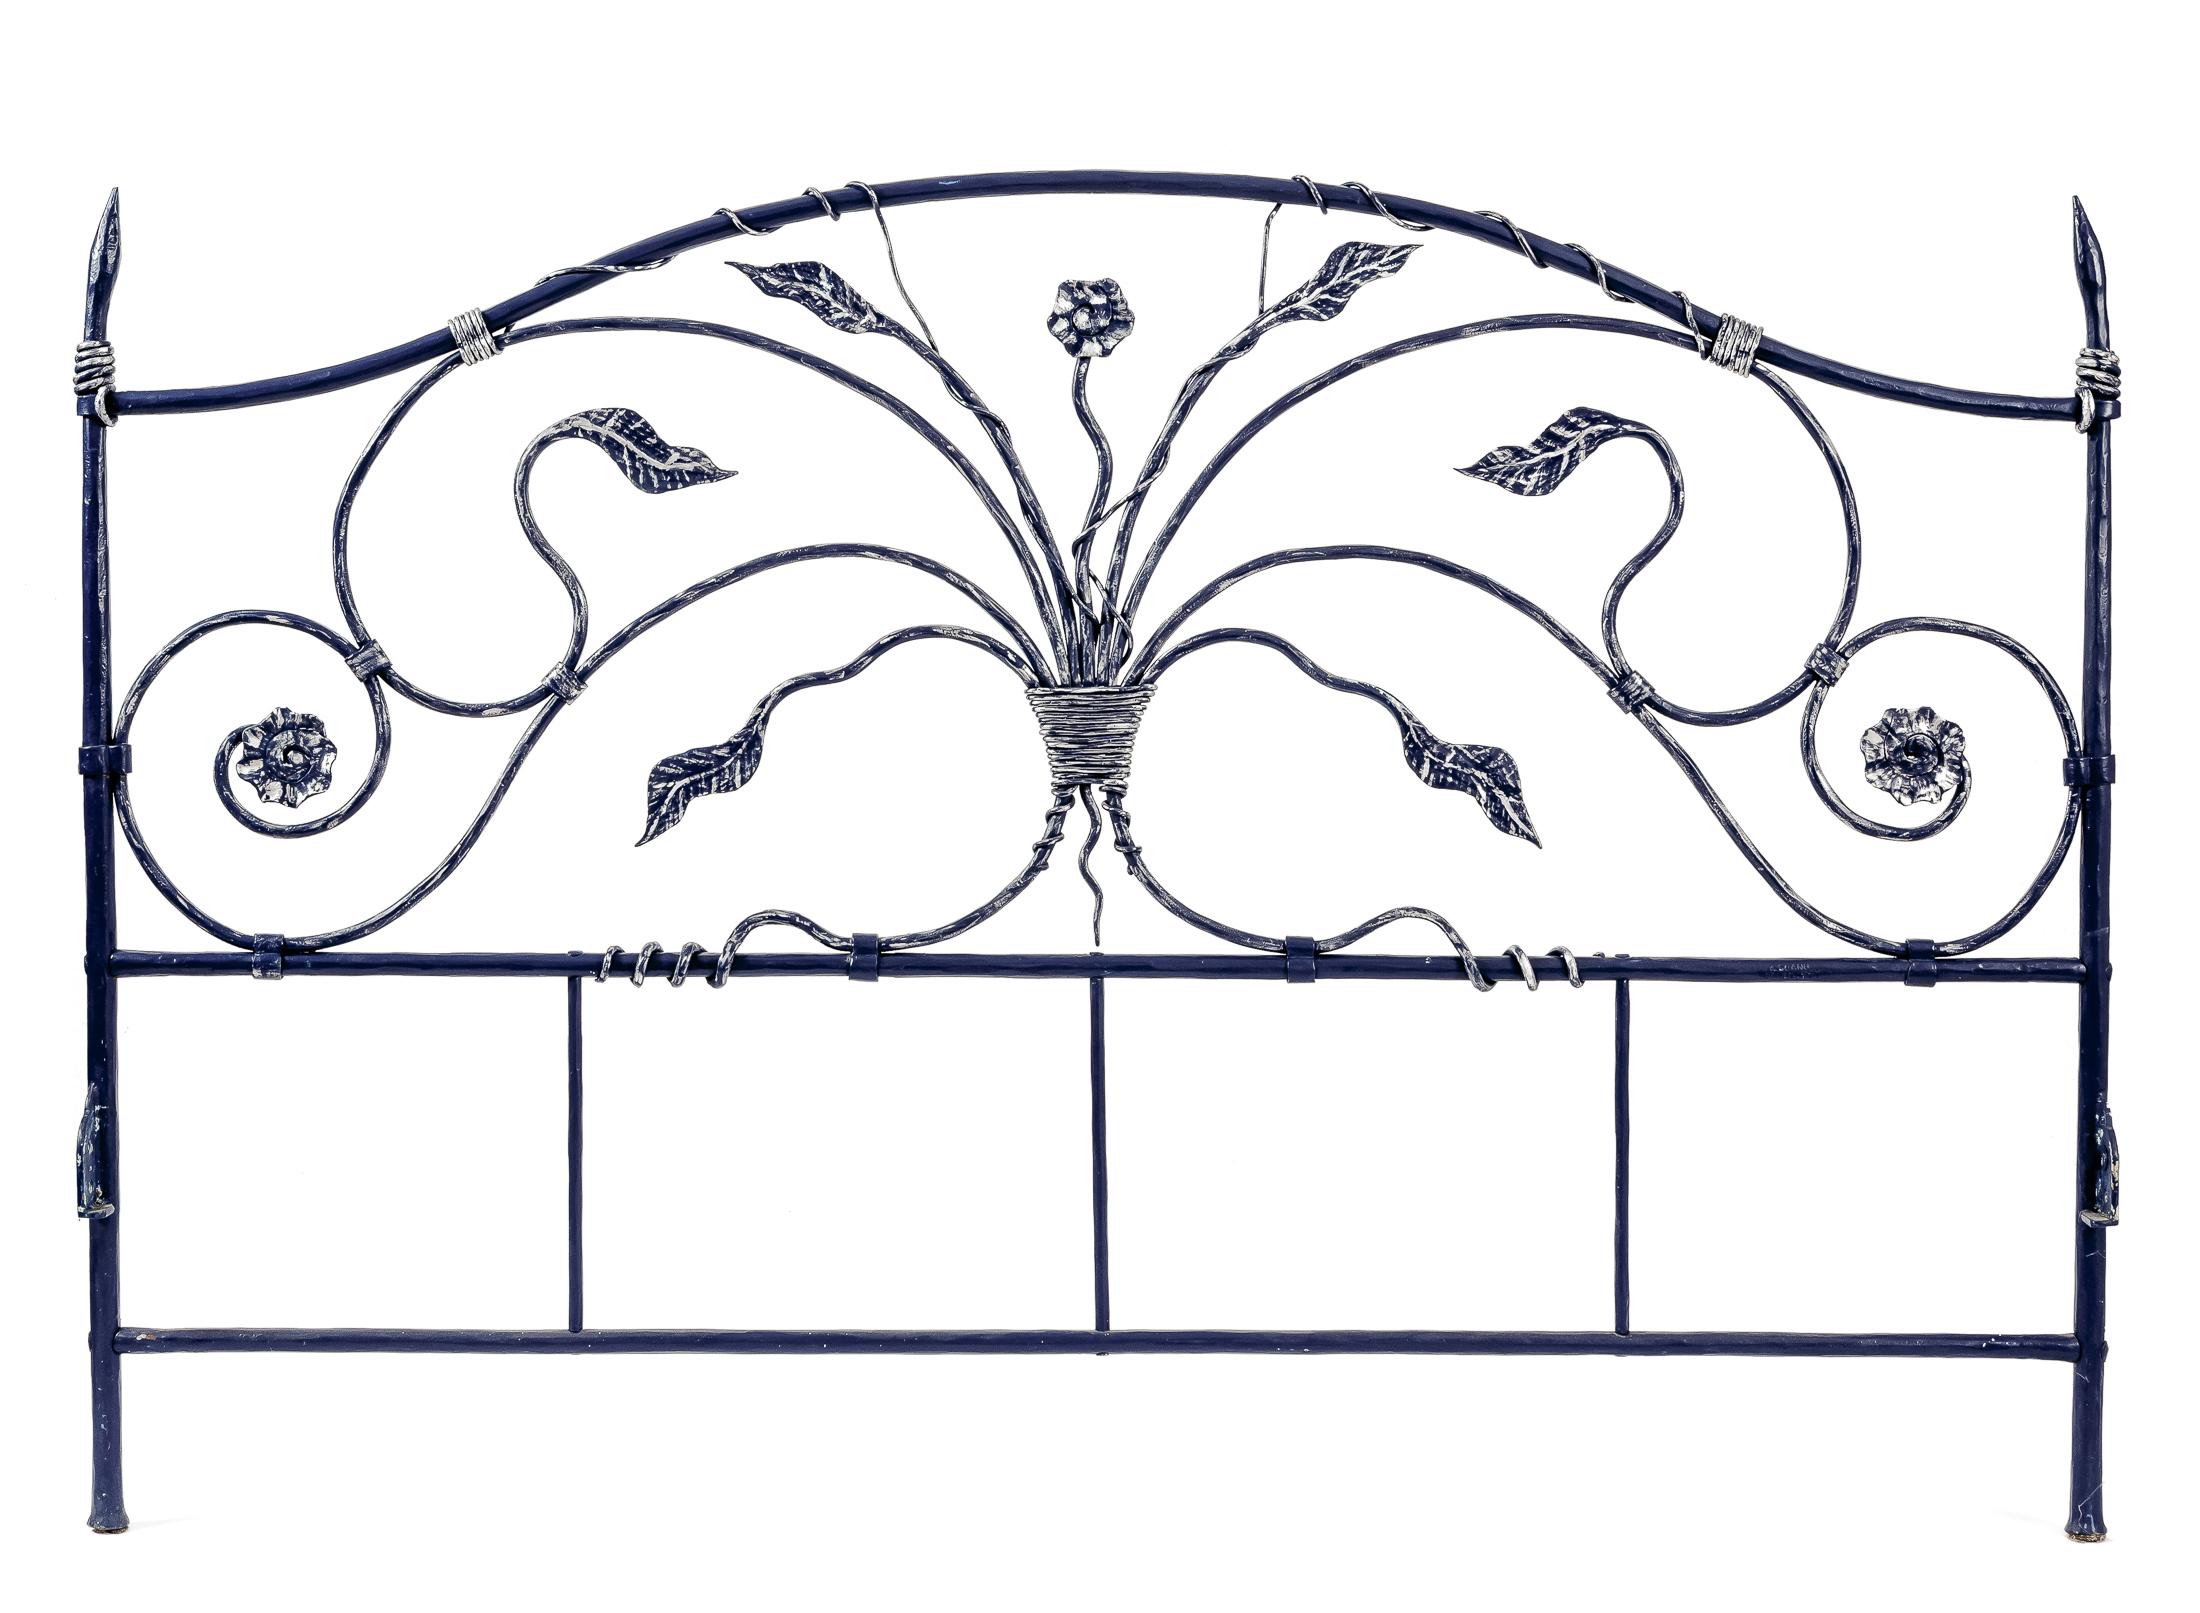 officina-d-arte-fabbrile-antonio-maria-scanu-fabbri-benetutti-sassari-thumbnail